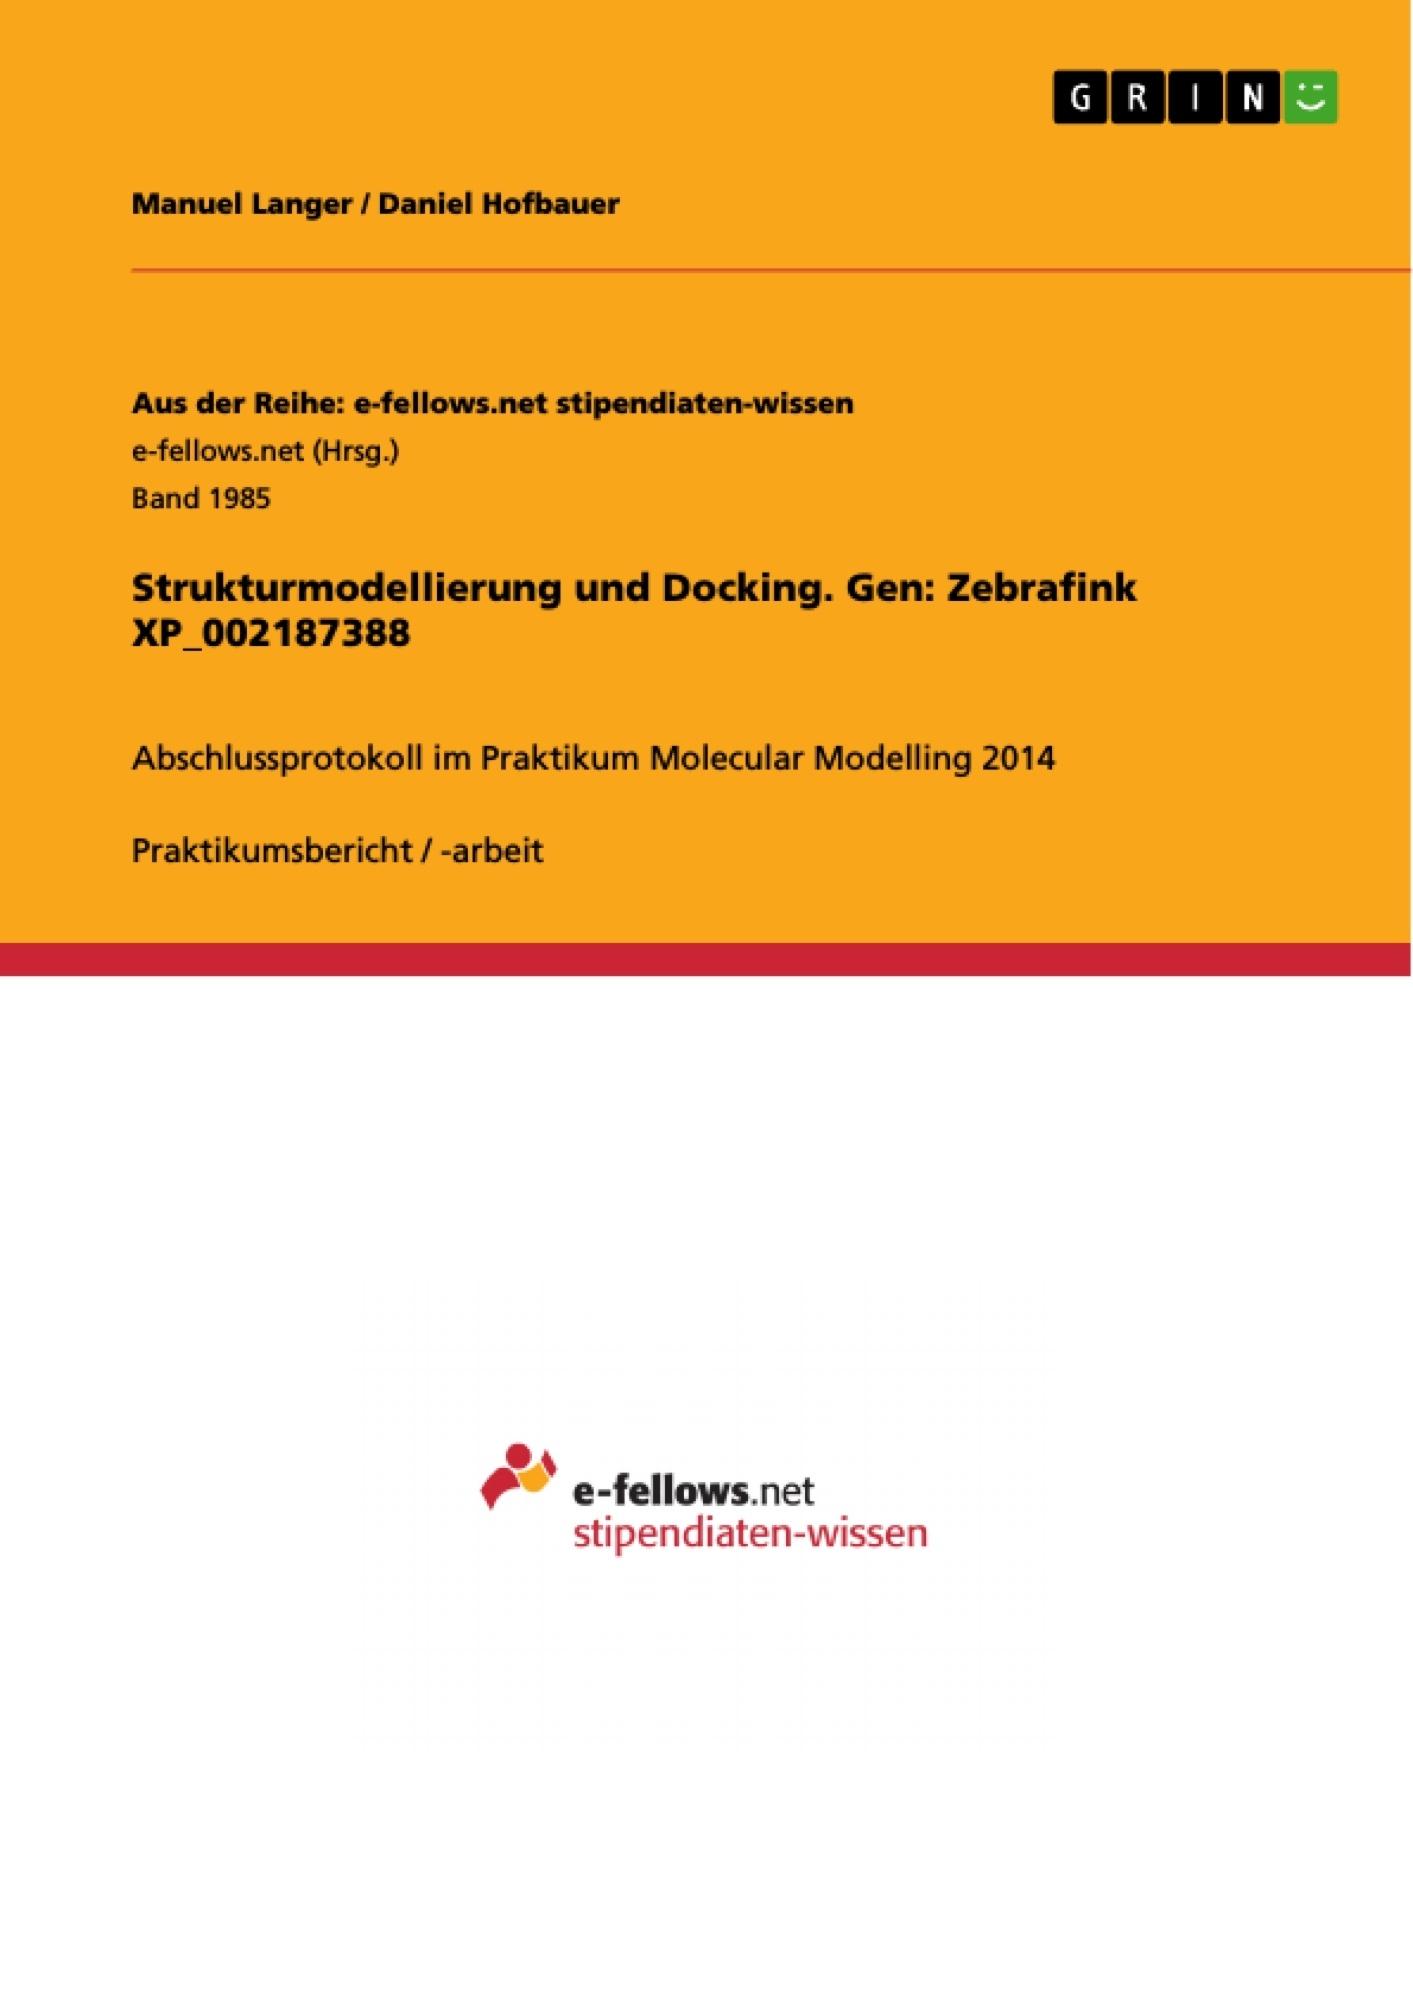 Titel: Strukturmodellierung und Docking. Gen: Zebrafink XP_002187388